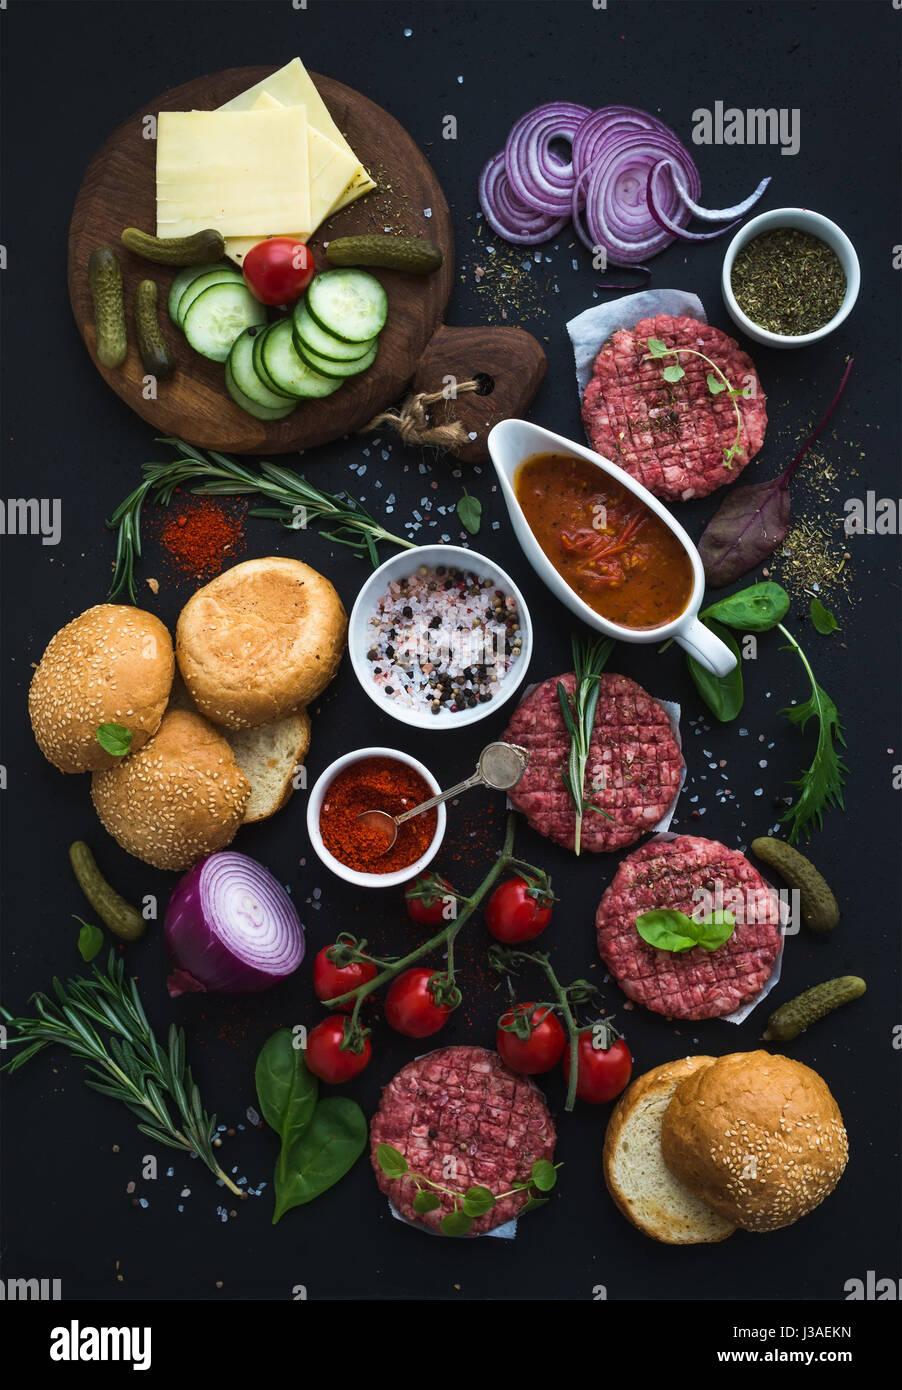 Zutaten für das Kochen Burger. Rohen Boden Rindfleisch Fleisch Schnitzel, Brötchen, rote Zwiebel, Cherry Stockbild